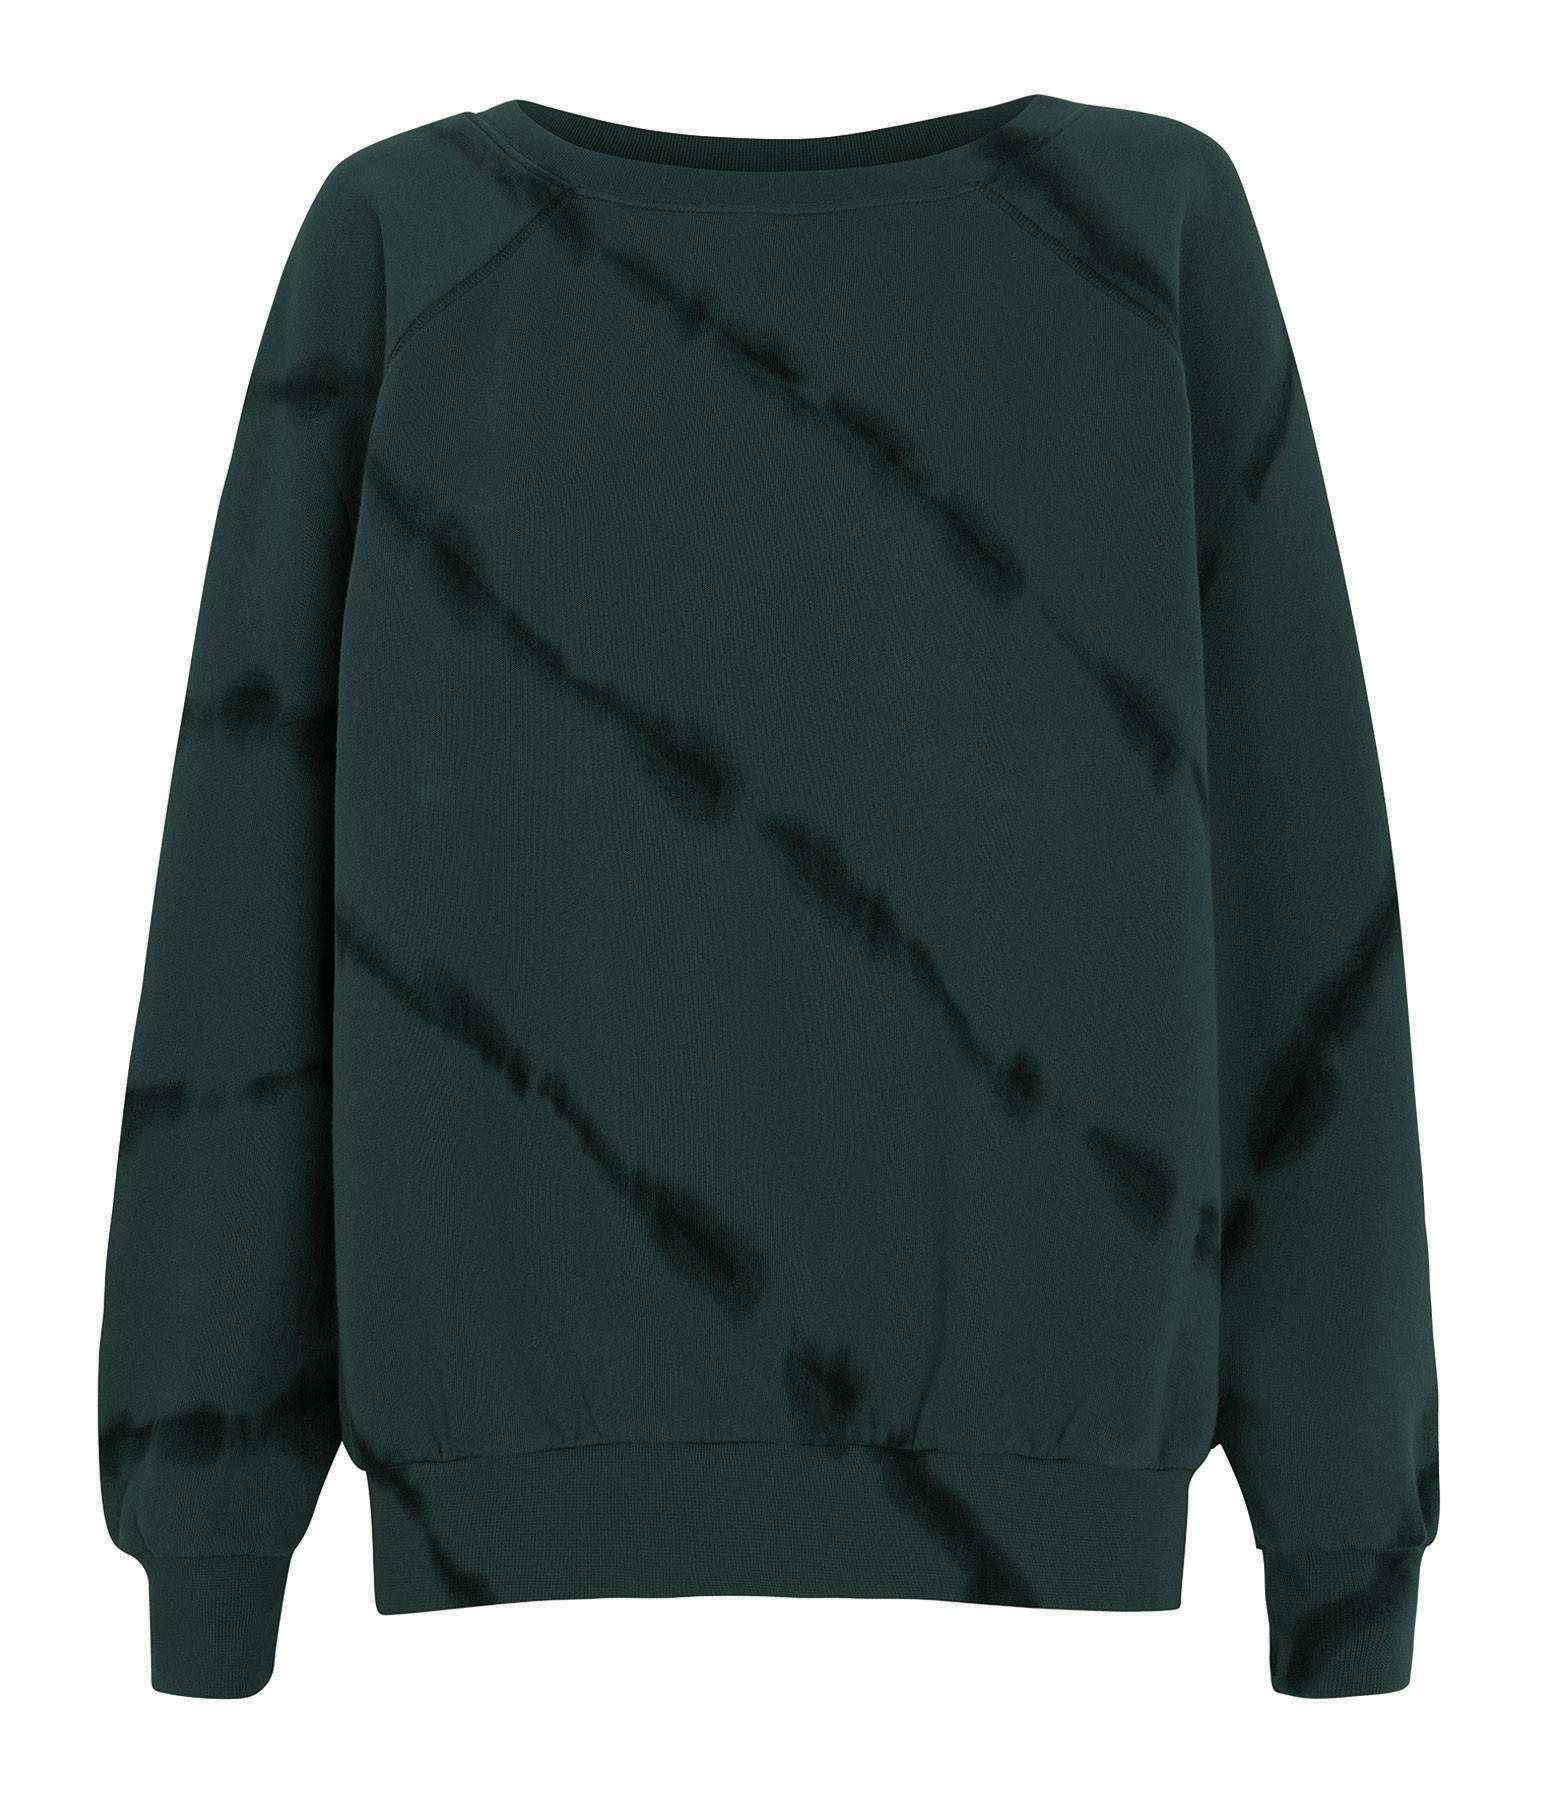 LOVE & LET DYE - Sweatshirt Camps Bay Coton Bleu